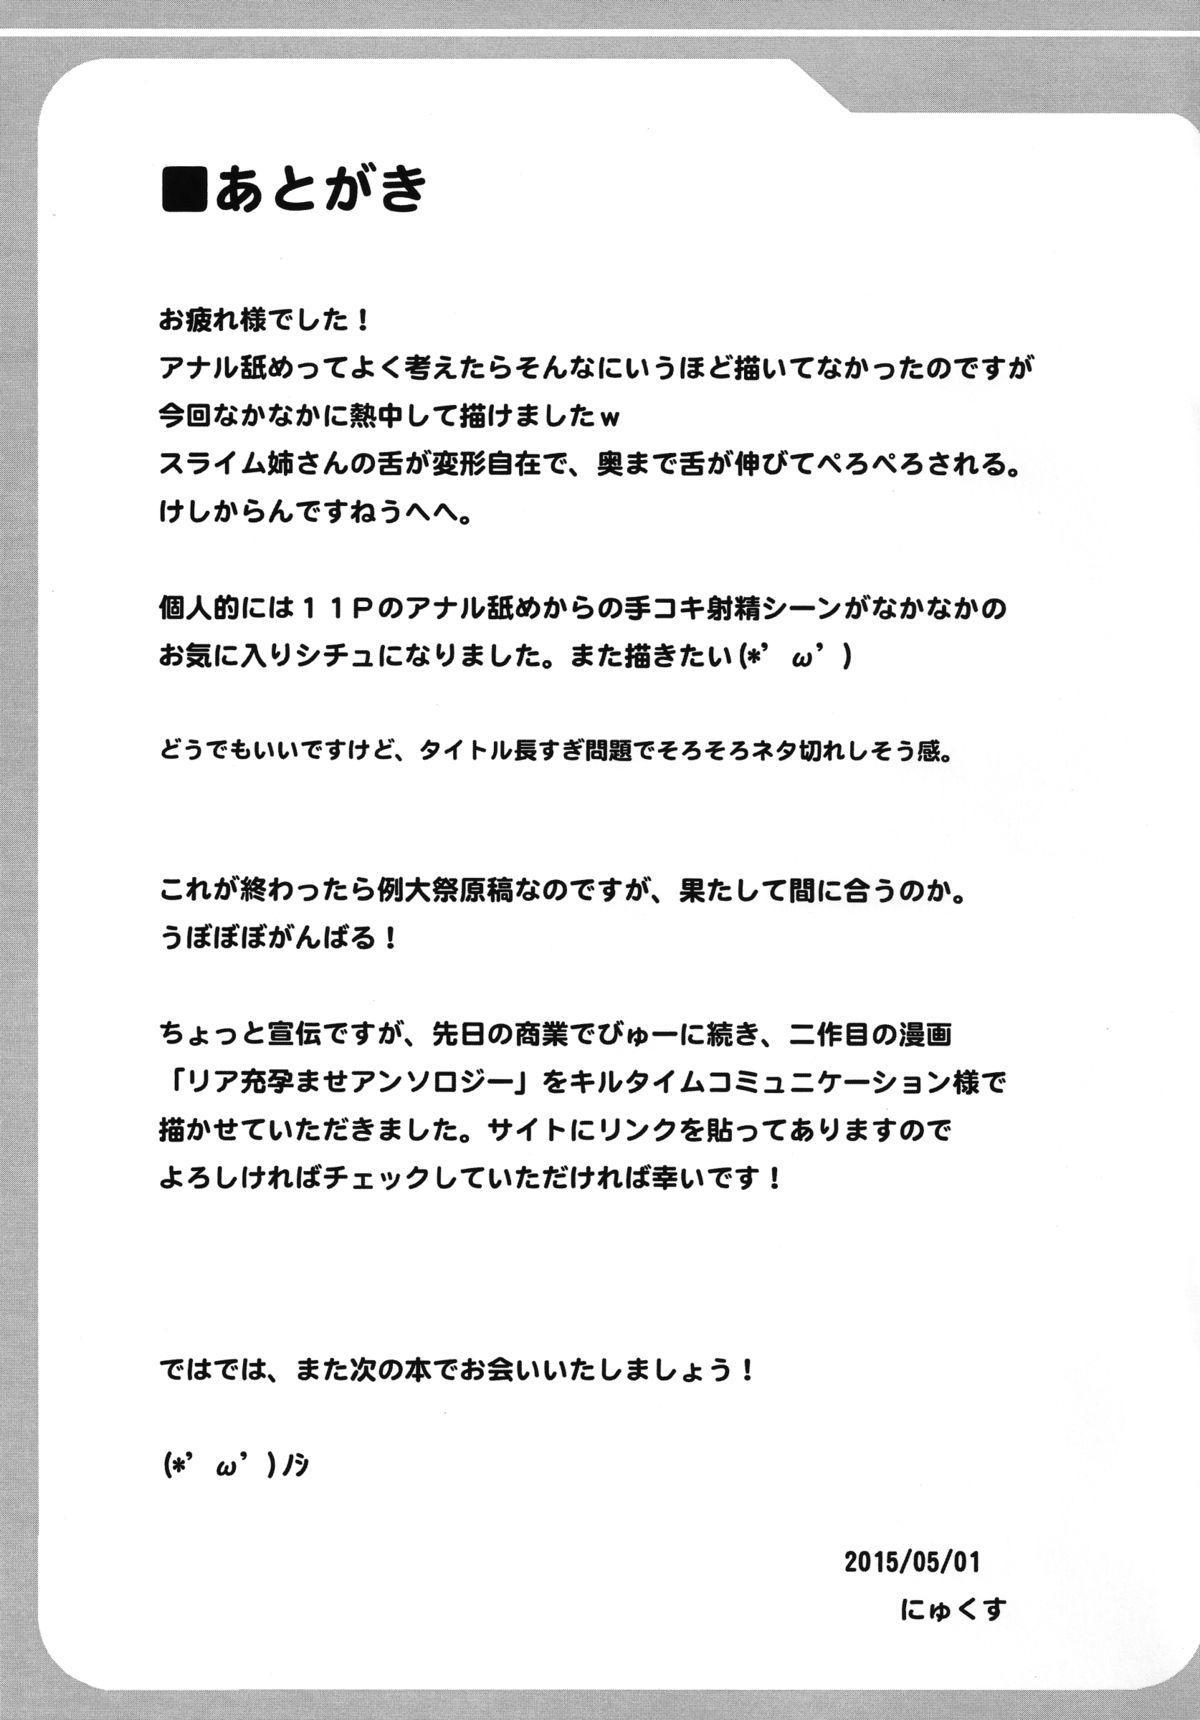 Futanari Kuro Tights no Slime Nee-san ni Shaburarete Fumarete Horarete Kimochi Yoku Nacchau Shotakko no Hon 16